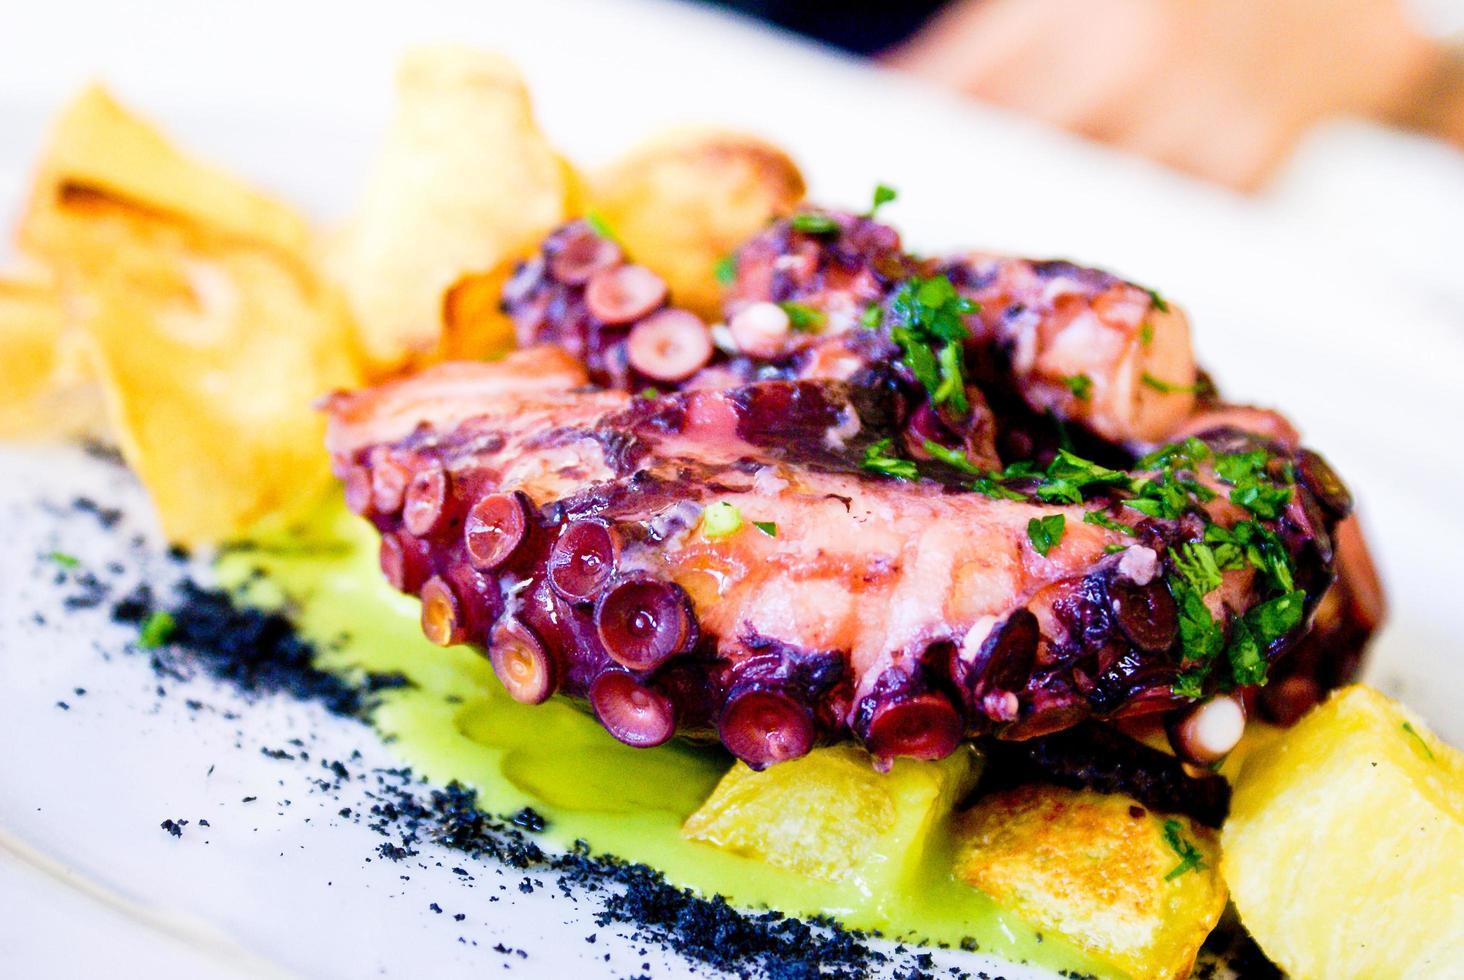 närbild av bläckfisk maträtt foto